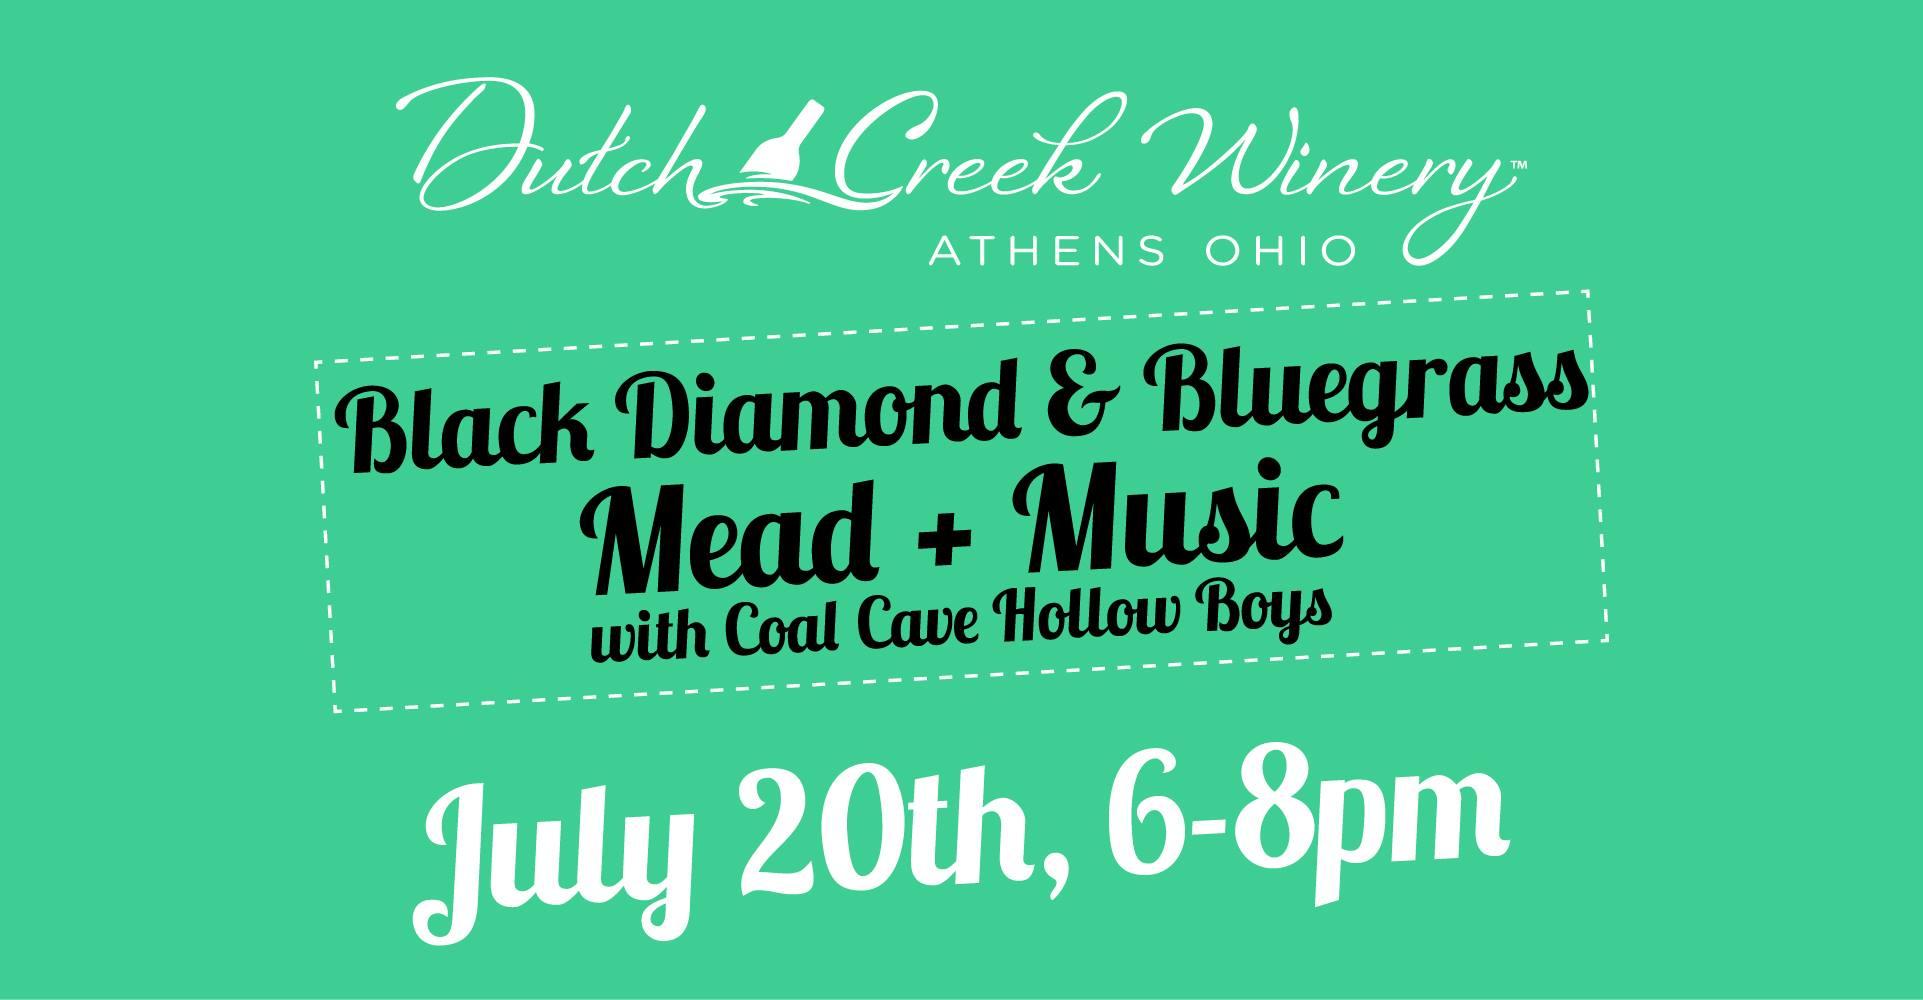 Black Diamond & Bluegrass: Mead + Music